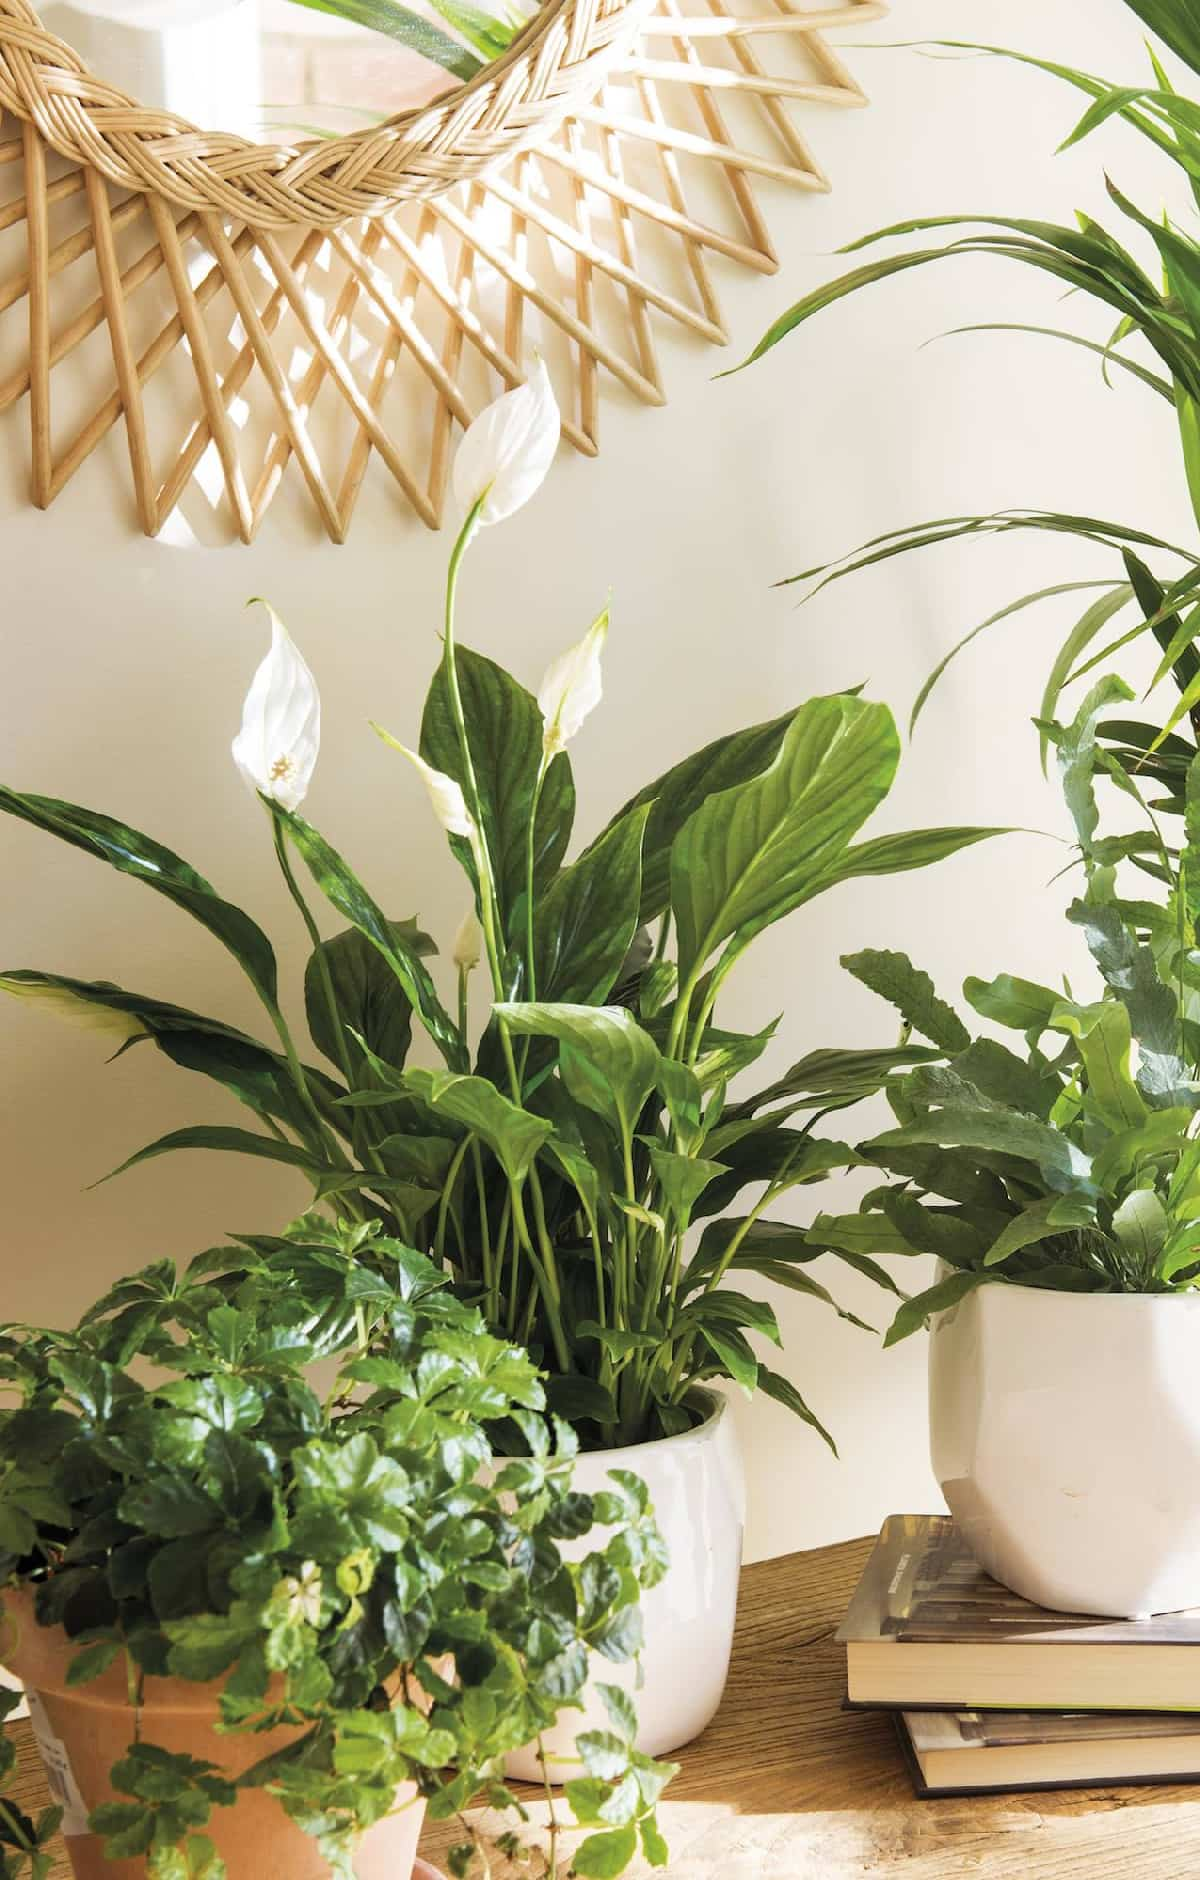 plantas de interior ideales para decorar tu hogar durante todo el ano 3